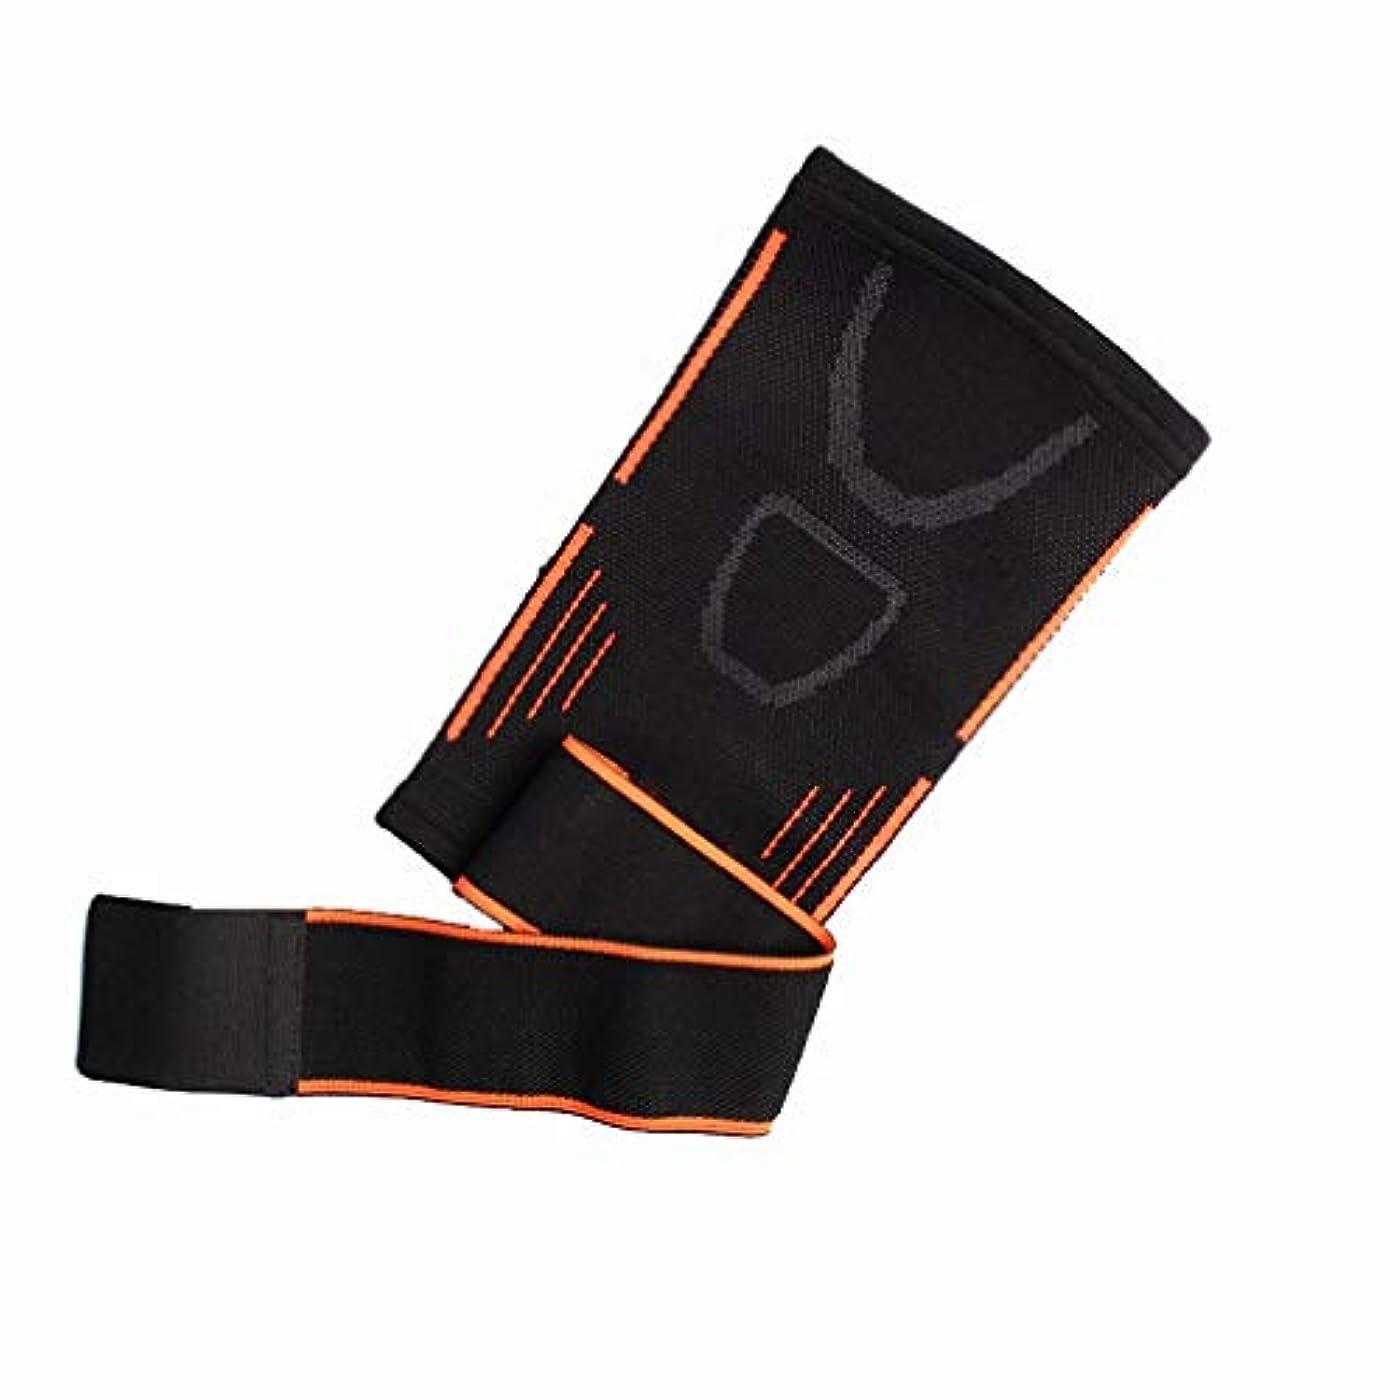 本部卒業タイムリーな屋外スポーツ圧縮肘ニット肘テニス肘サポート肘ガード-Rustle666